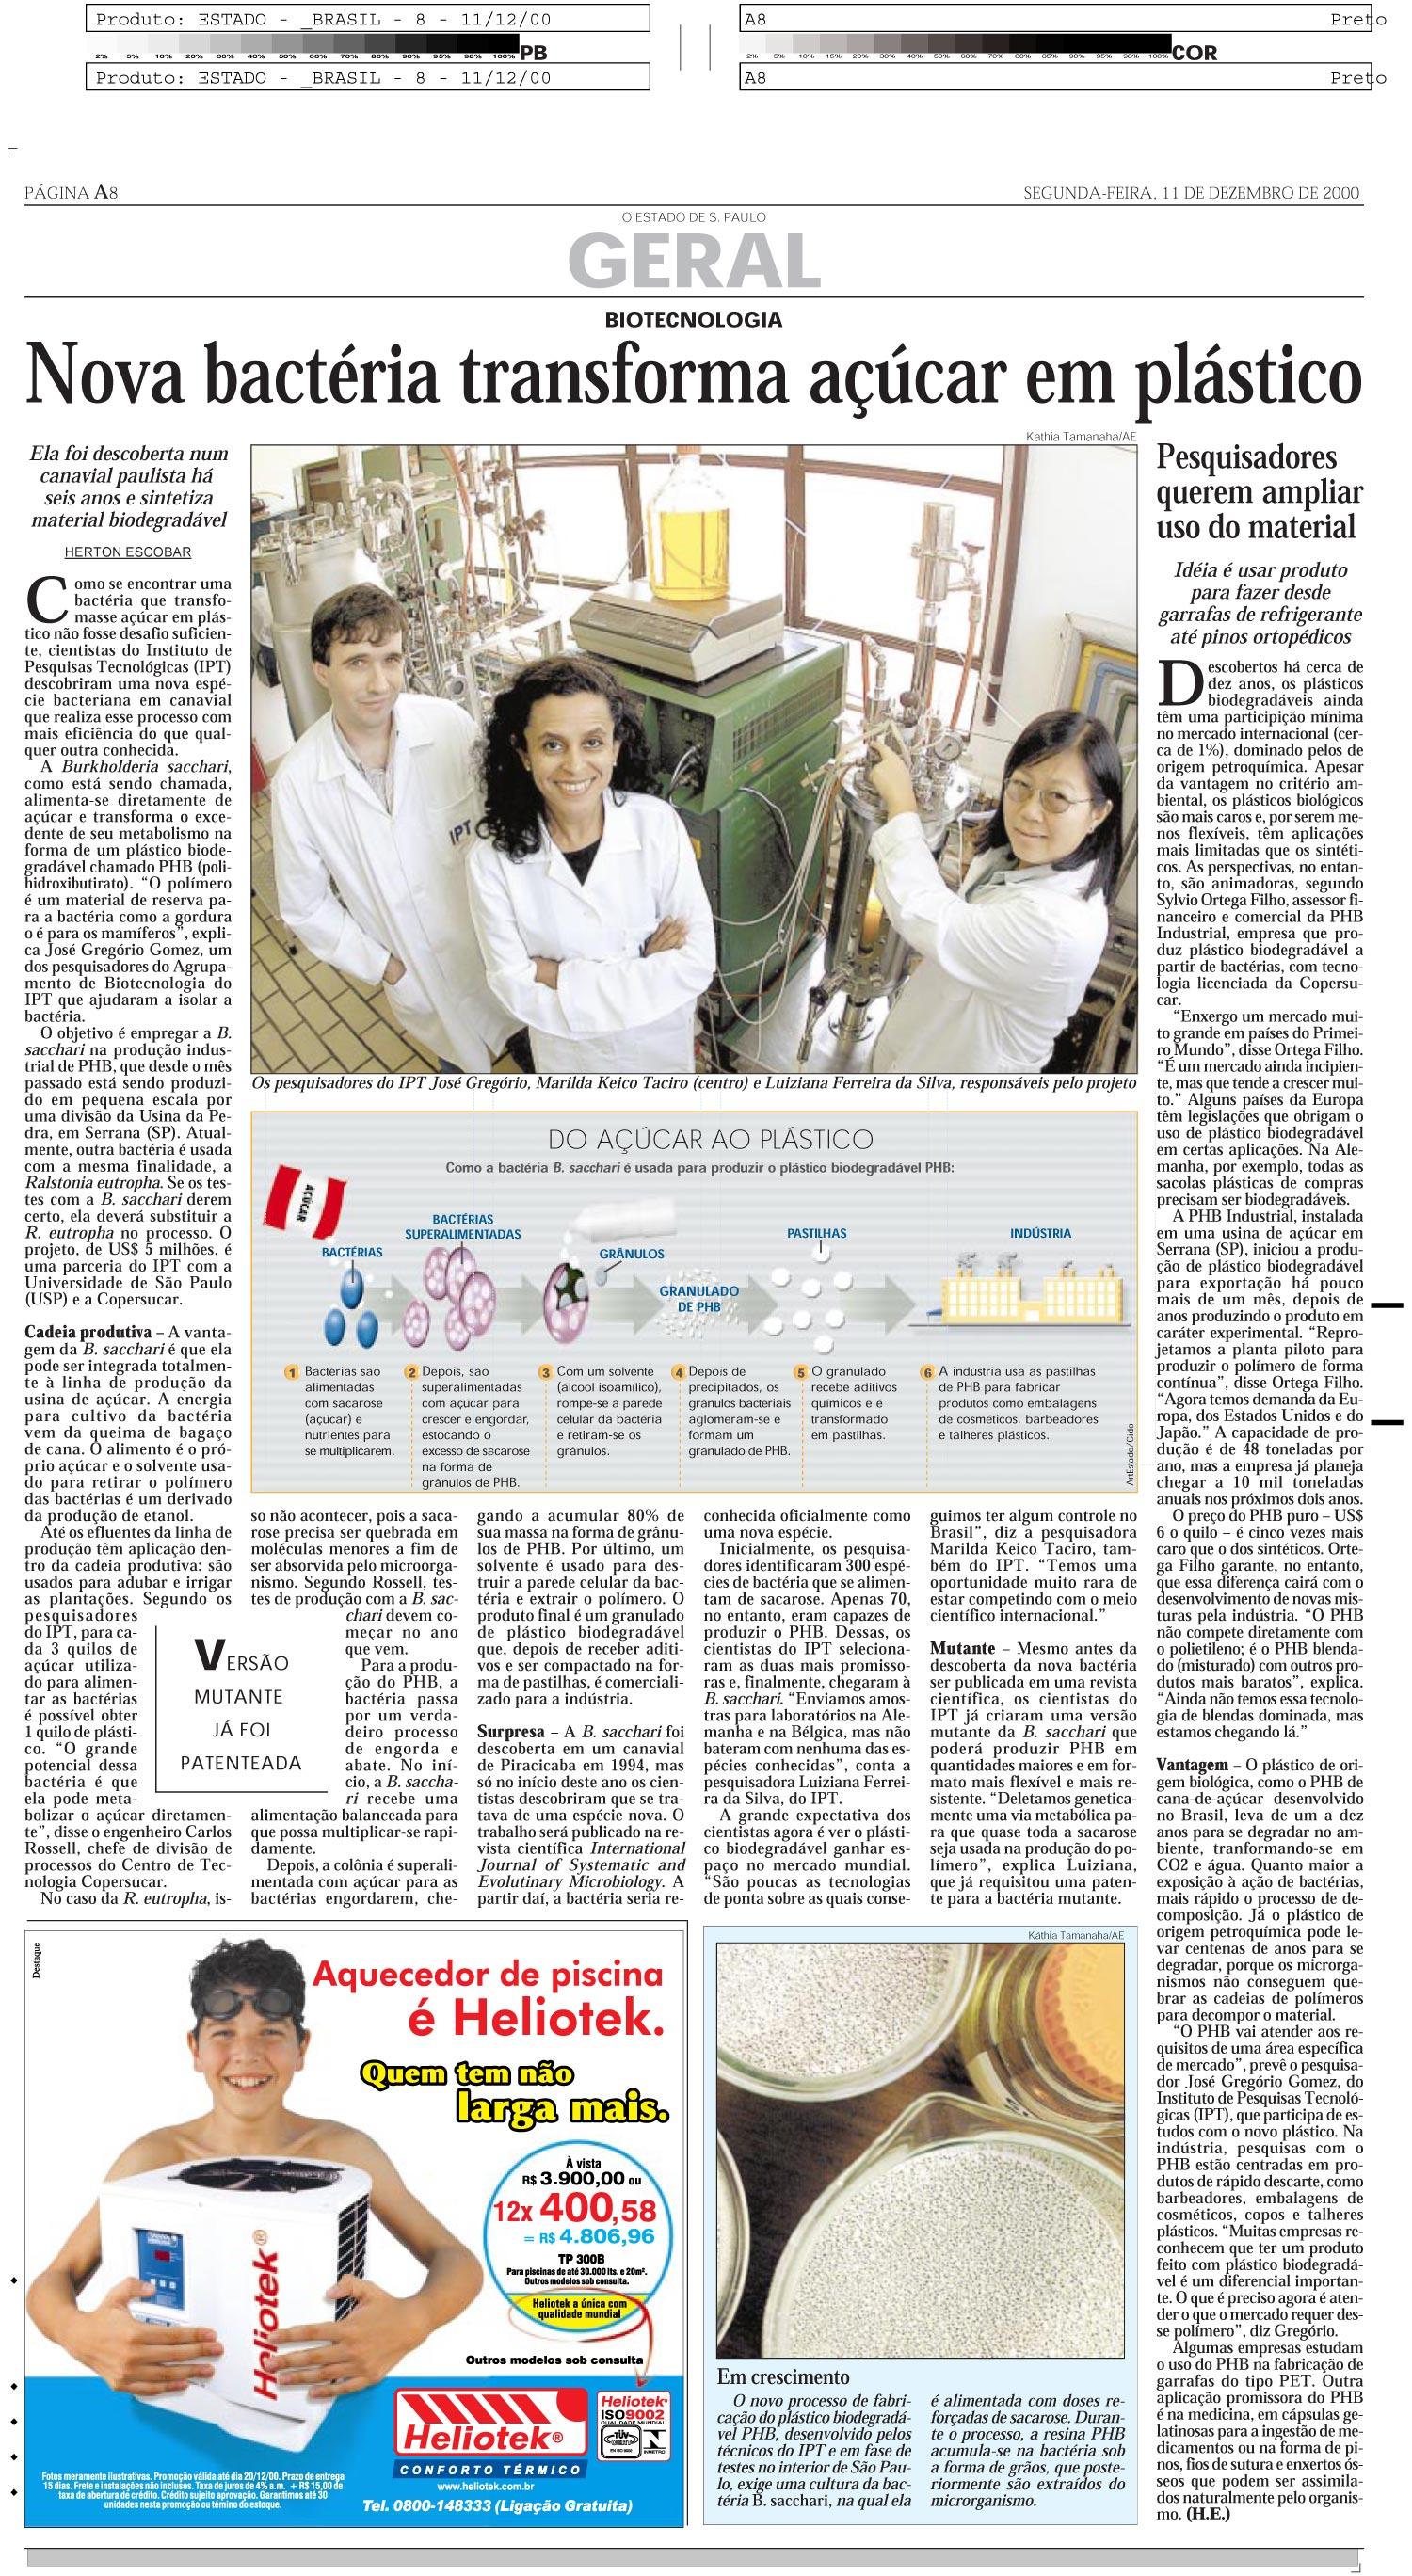 Nova bactéria transforma açúcar em plástico